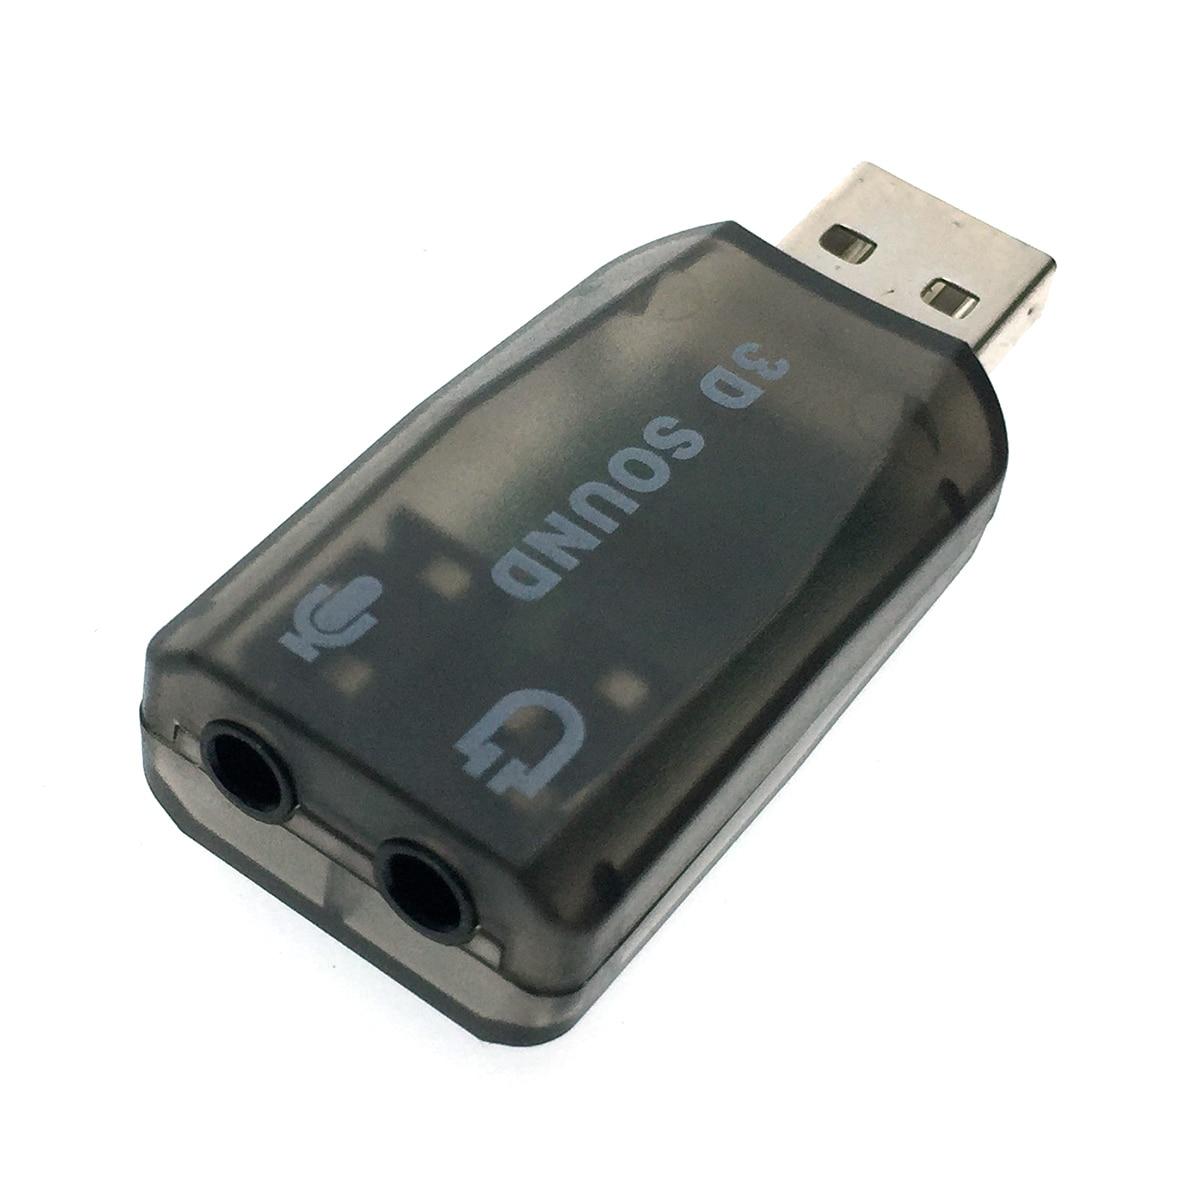 Внешняя звуковая карта USB, модель PAAU001, Espada /для ноутбука/ПК/